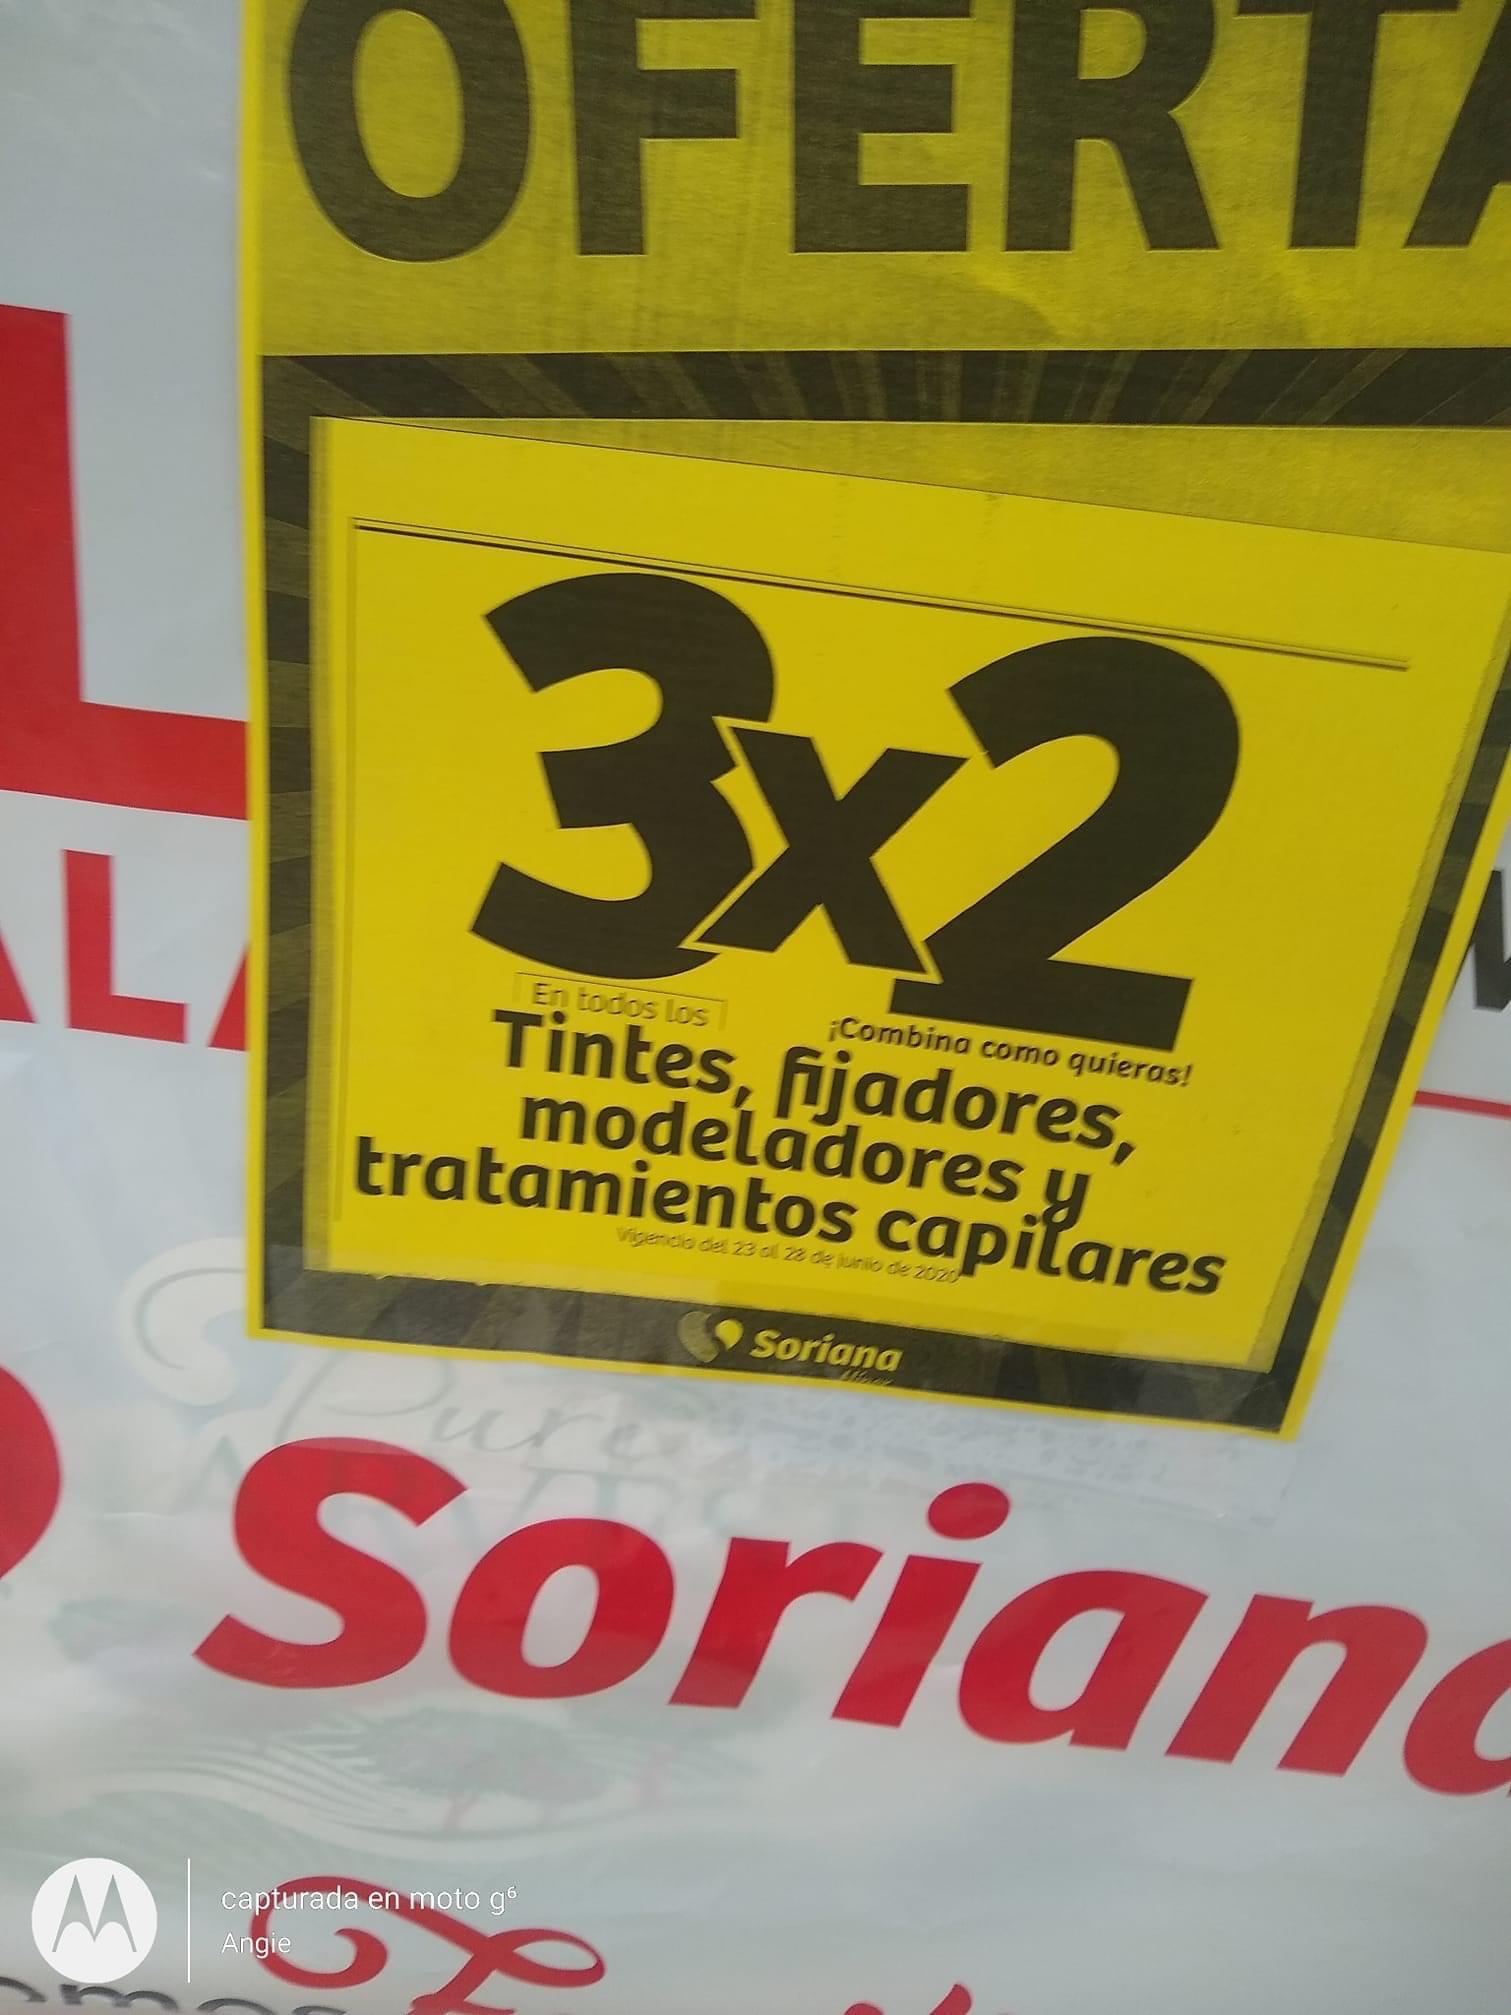 Julio Regalado 2020 en Soriana. 3x2 en TODOS los Tintes, Fijadores, Modeladores y Tratamientos Capilares